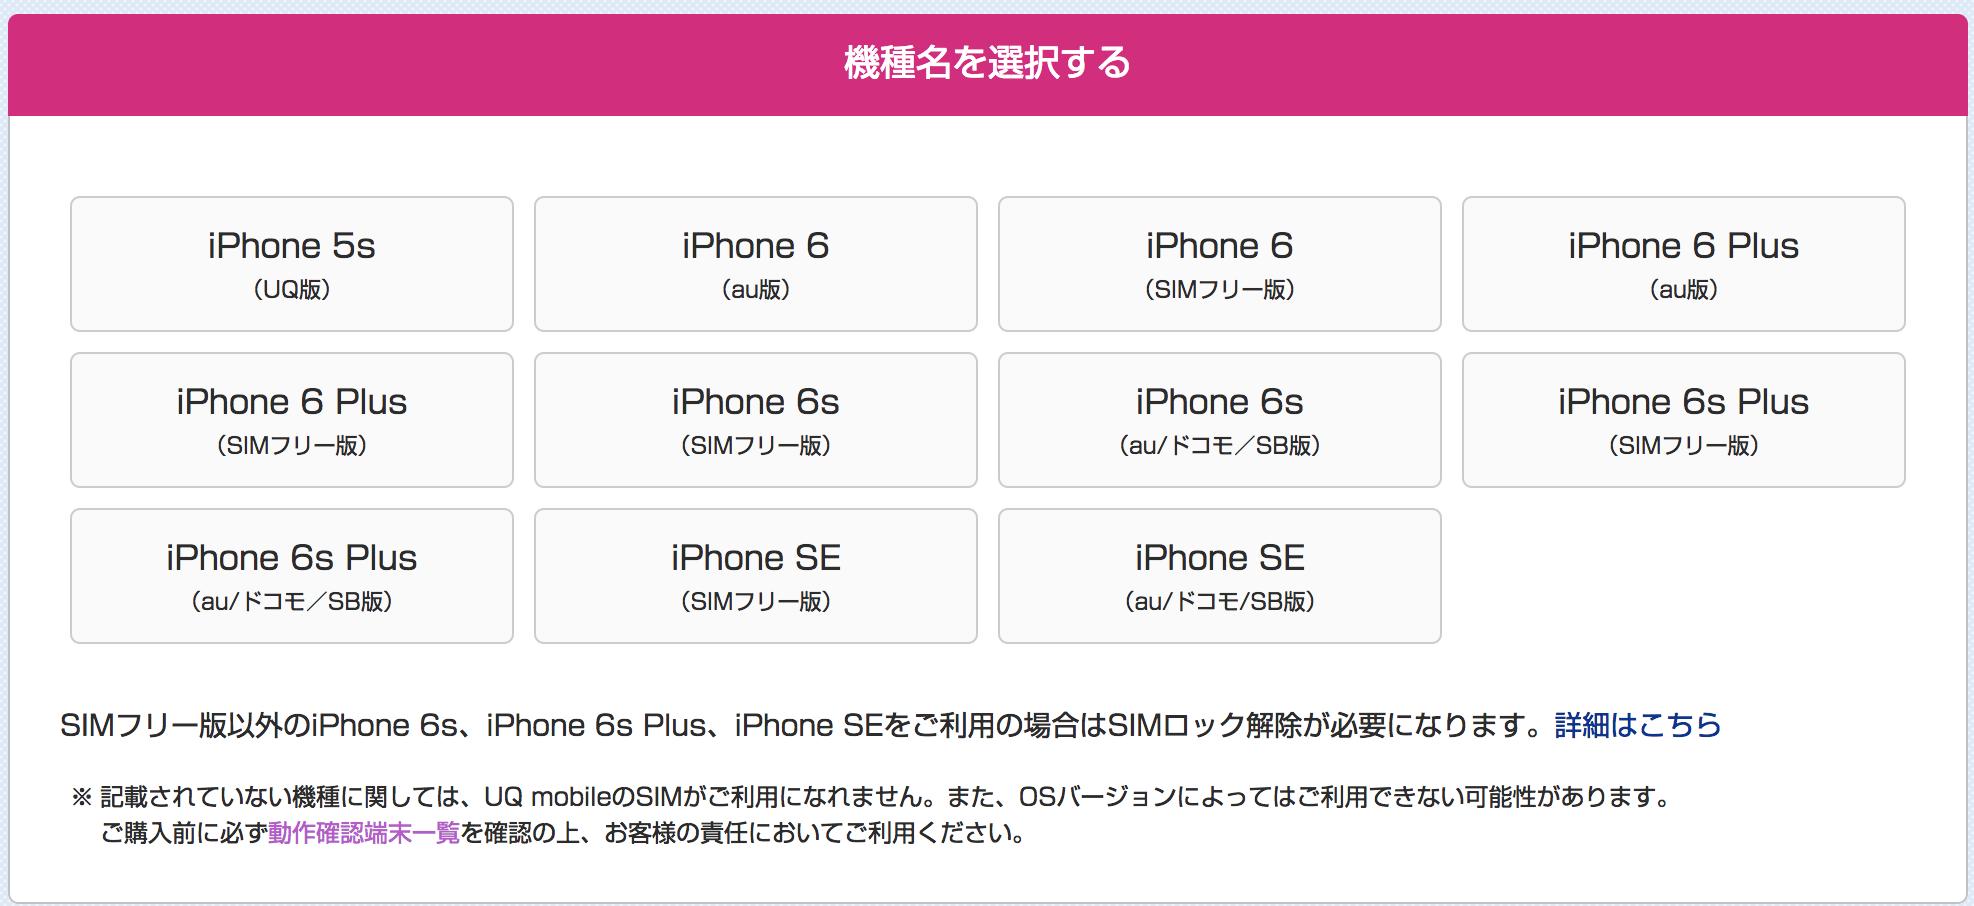 iPhoneに使うUQモバイル口座振替のSIMカード